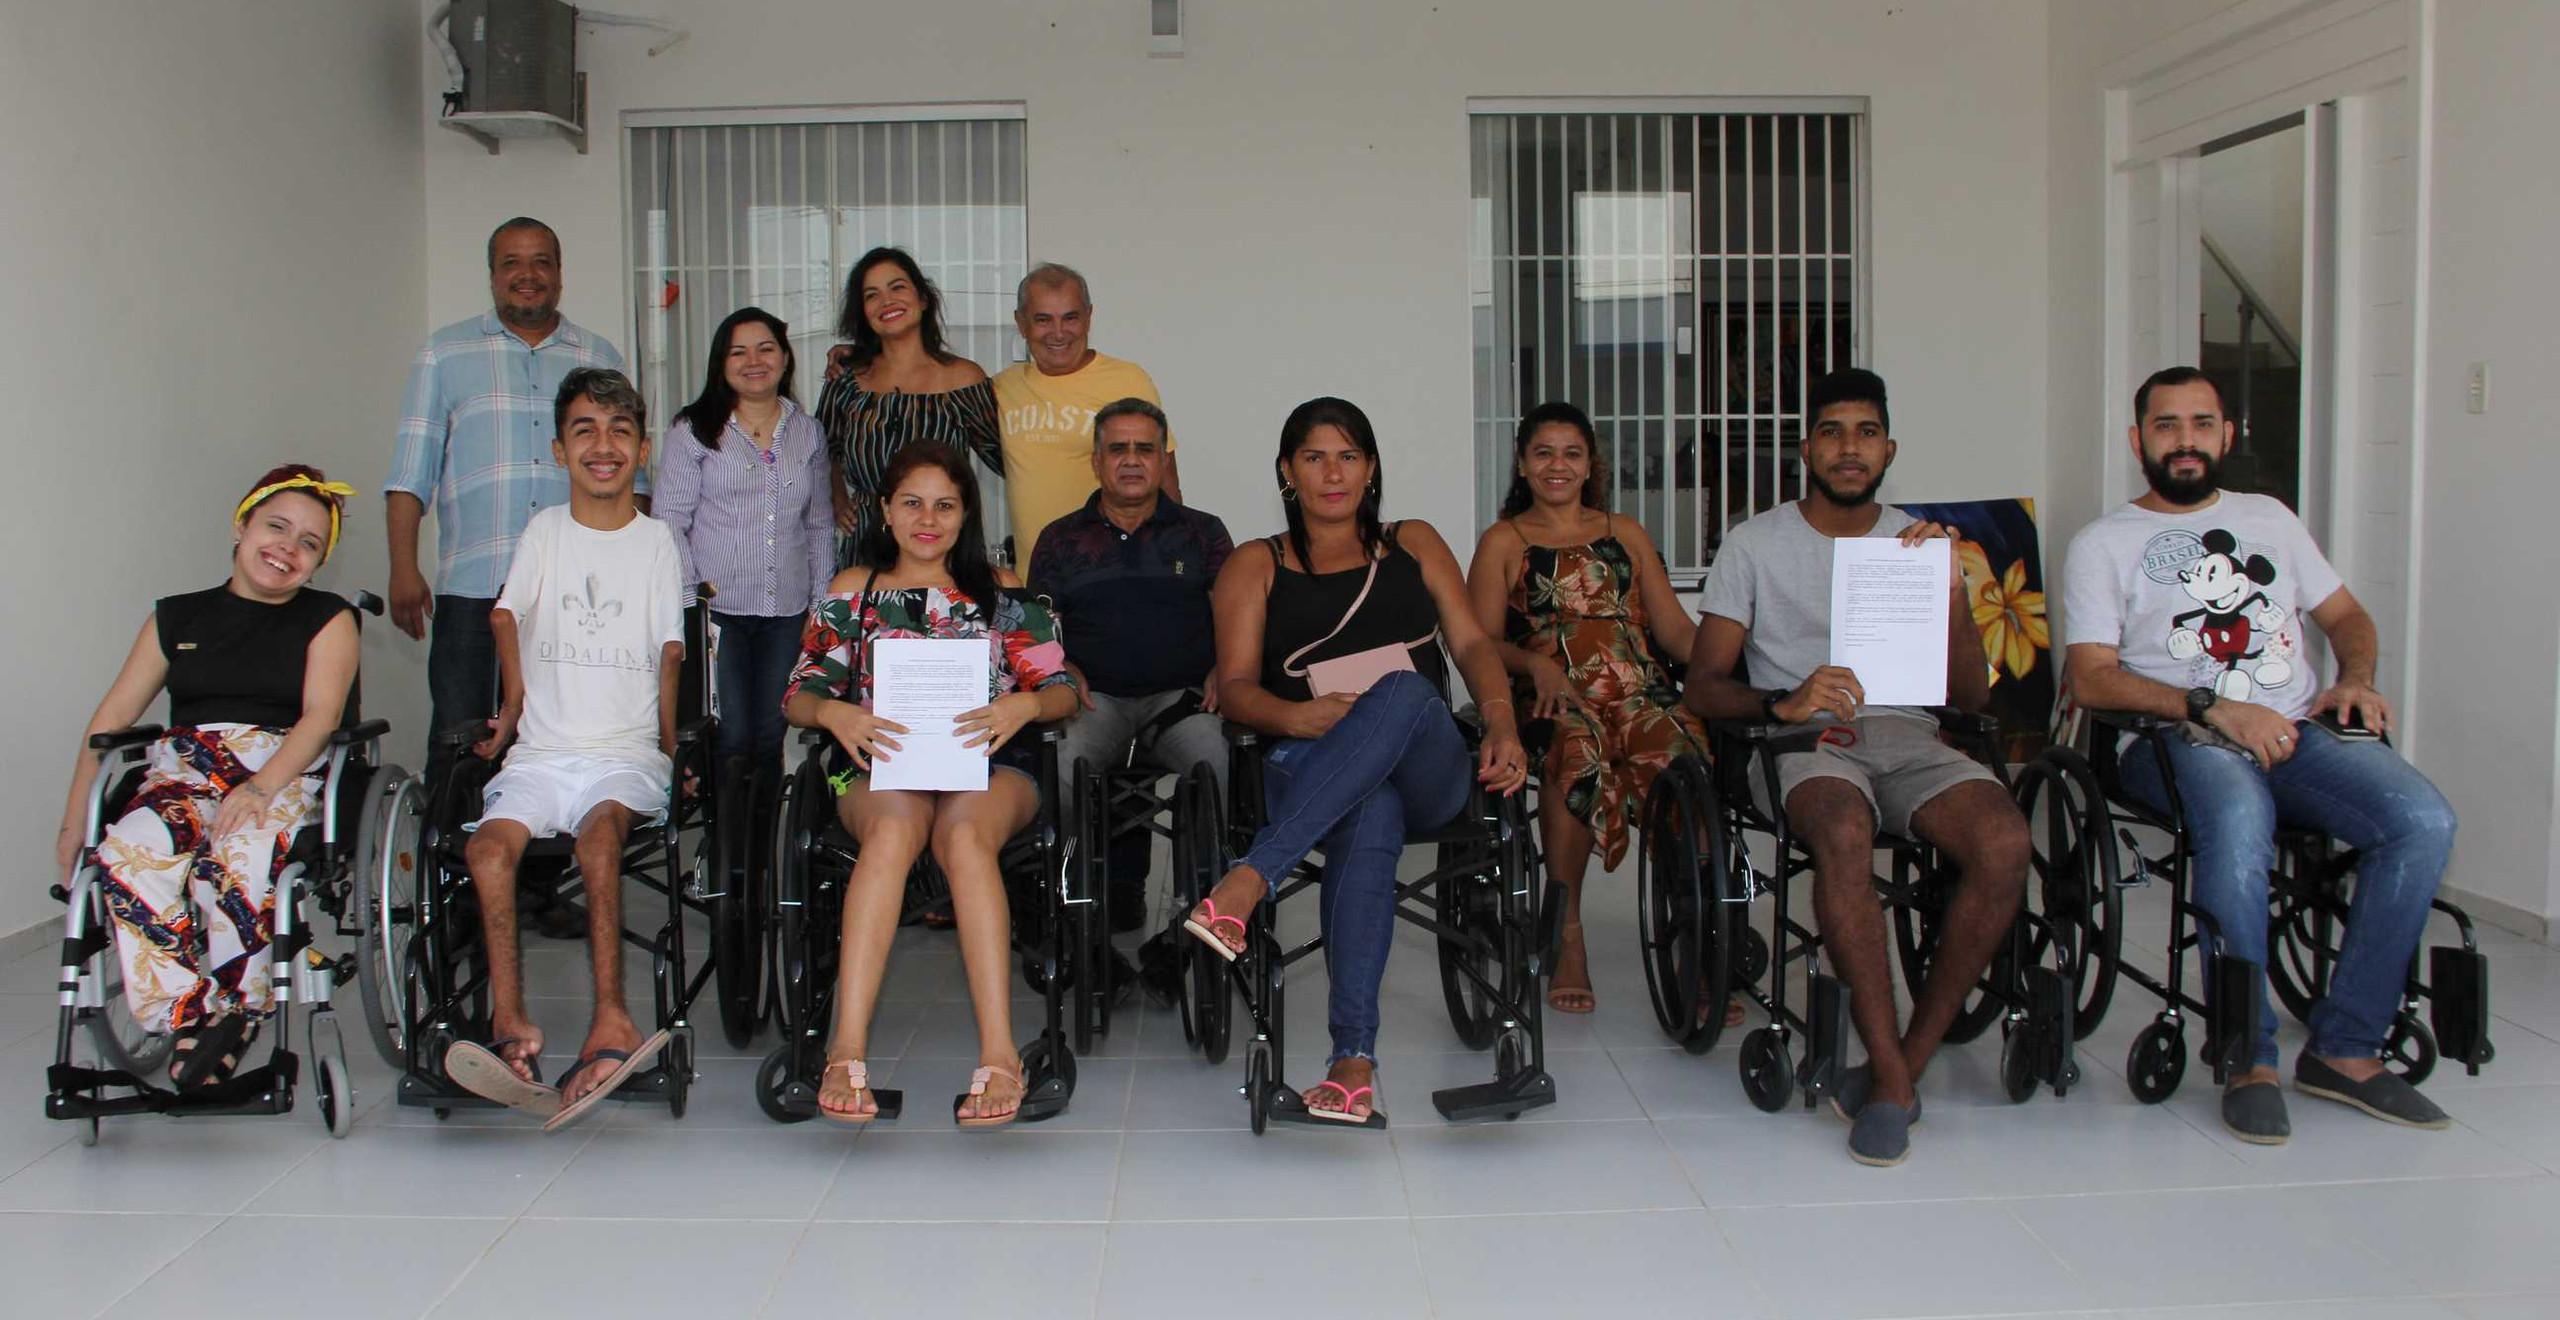 Flávia Bittencourt com os pais, patrocinadores e o grupo de cadeirantes que receberam as novas cadeiras de rodas doadas pela cantora.